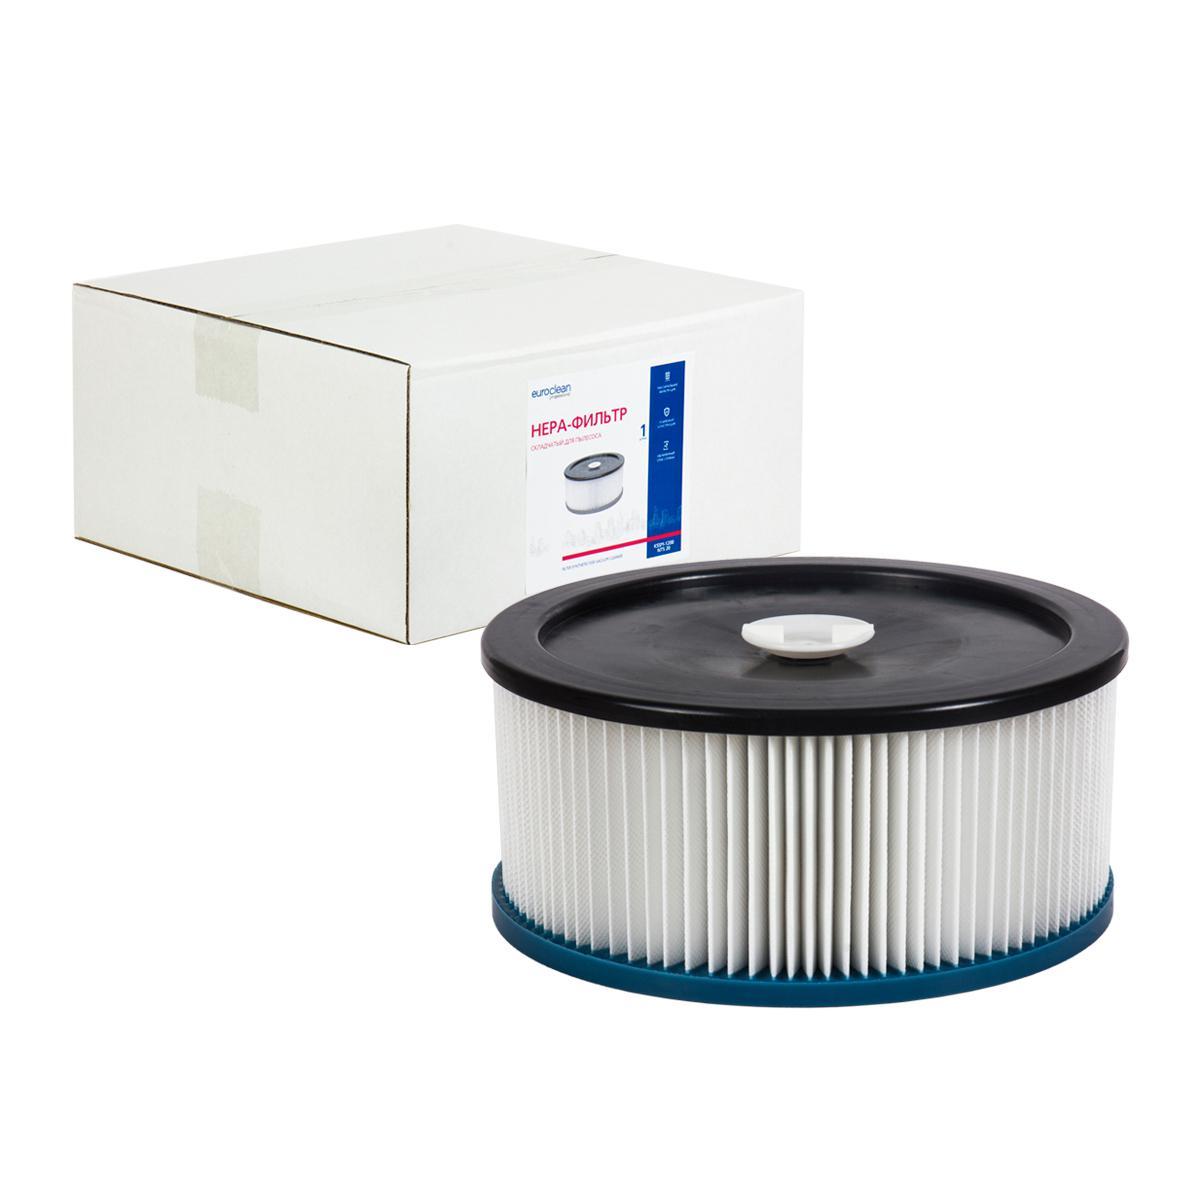 Фильтр Euro clean Eur kssm 1200 nts 20 термостат для душа hansgrohe ecostat metris c запорным переключающим вентилем 31573000